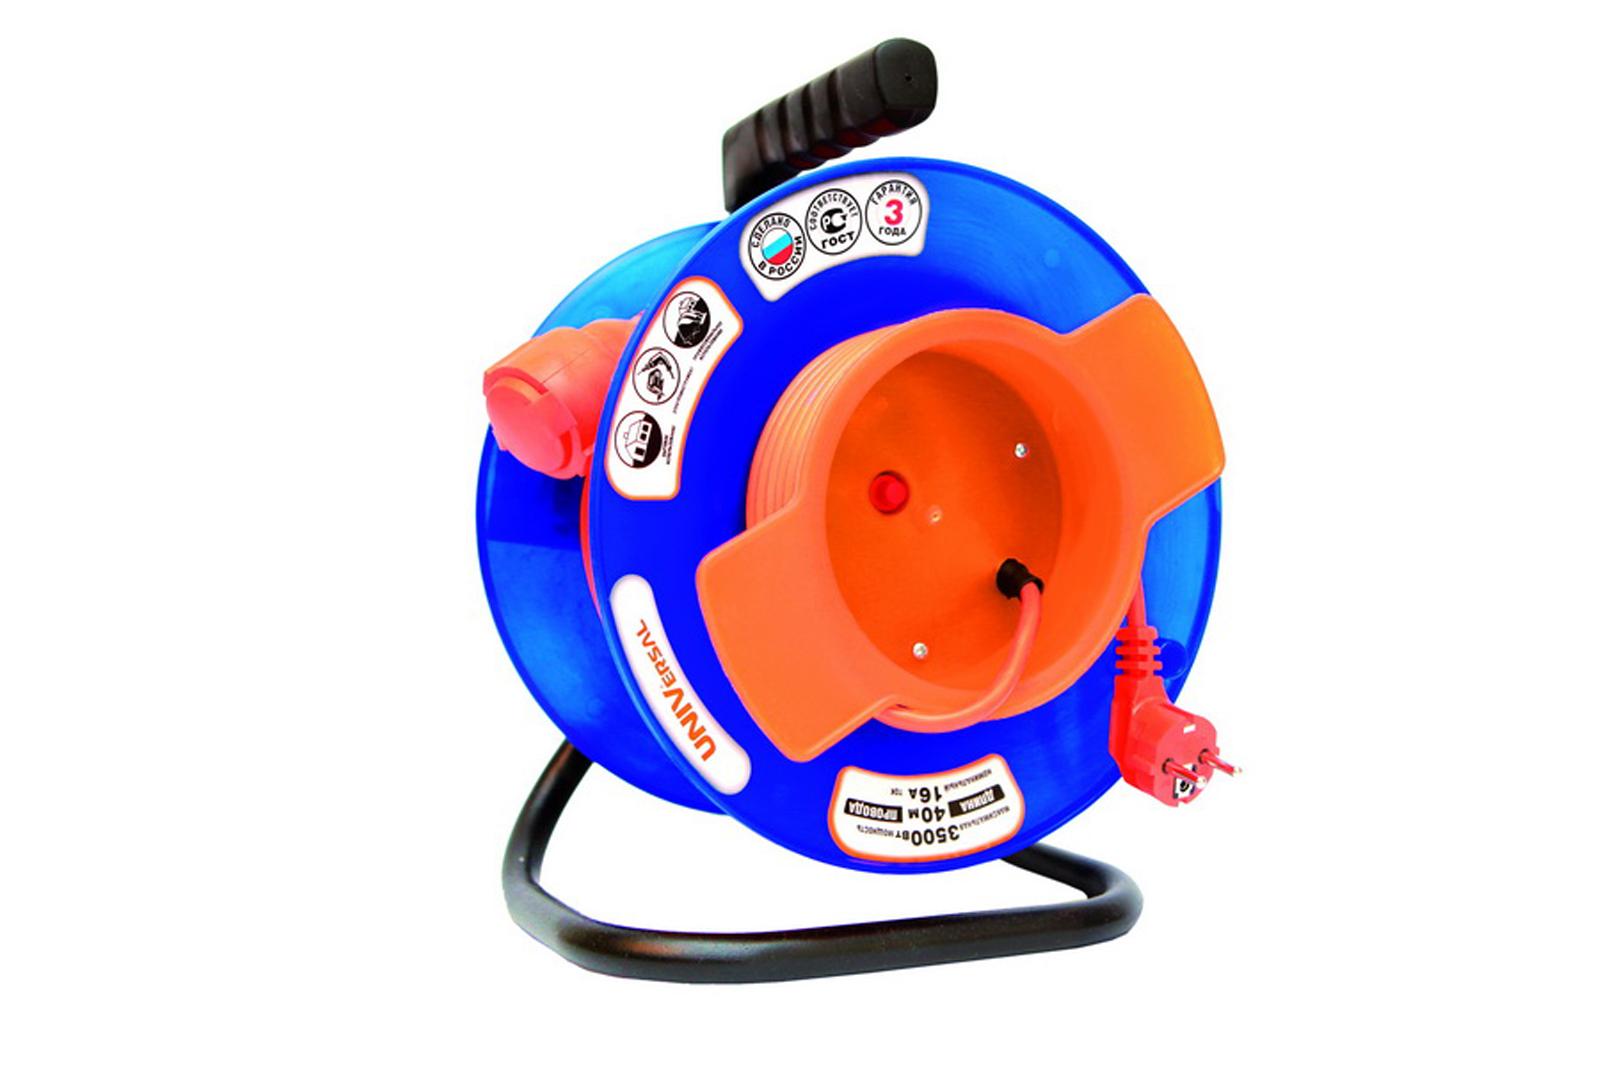 Удлинитель Universal У10-027 термо ПВС 3*1 1гнездо 50м